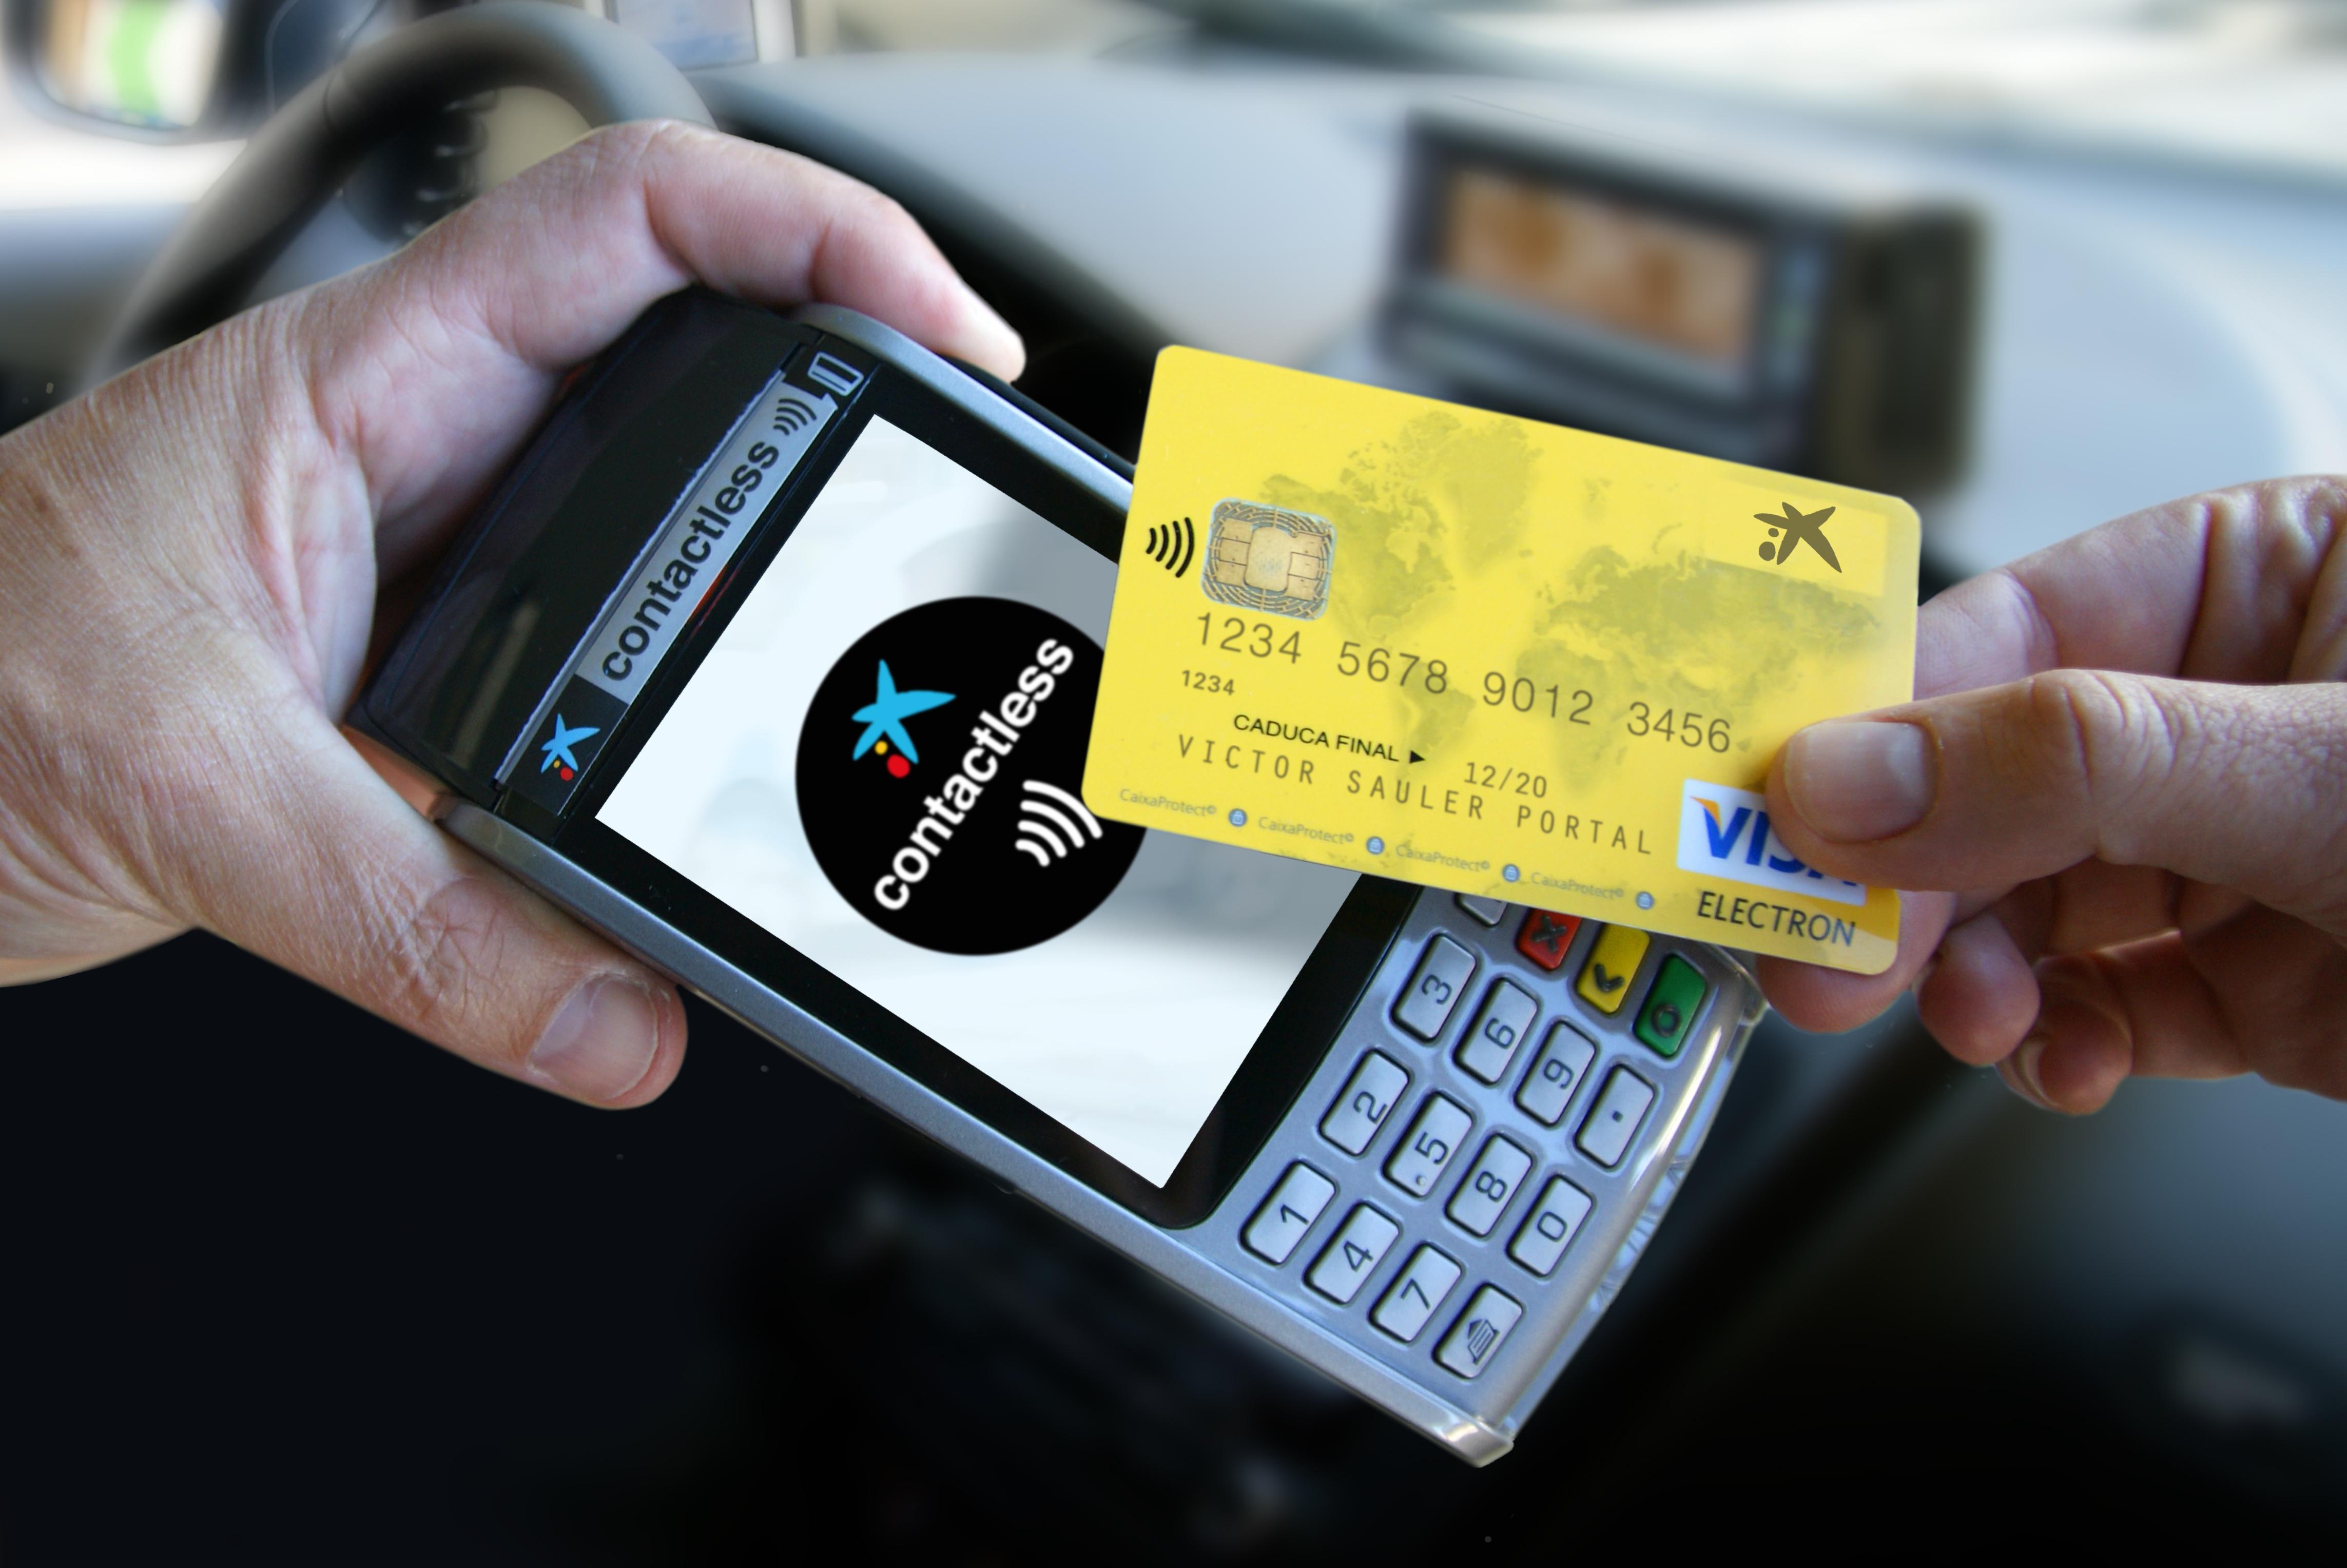 La caixa tarjetas personalizadas - Numero oficina la caixa ...